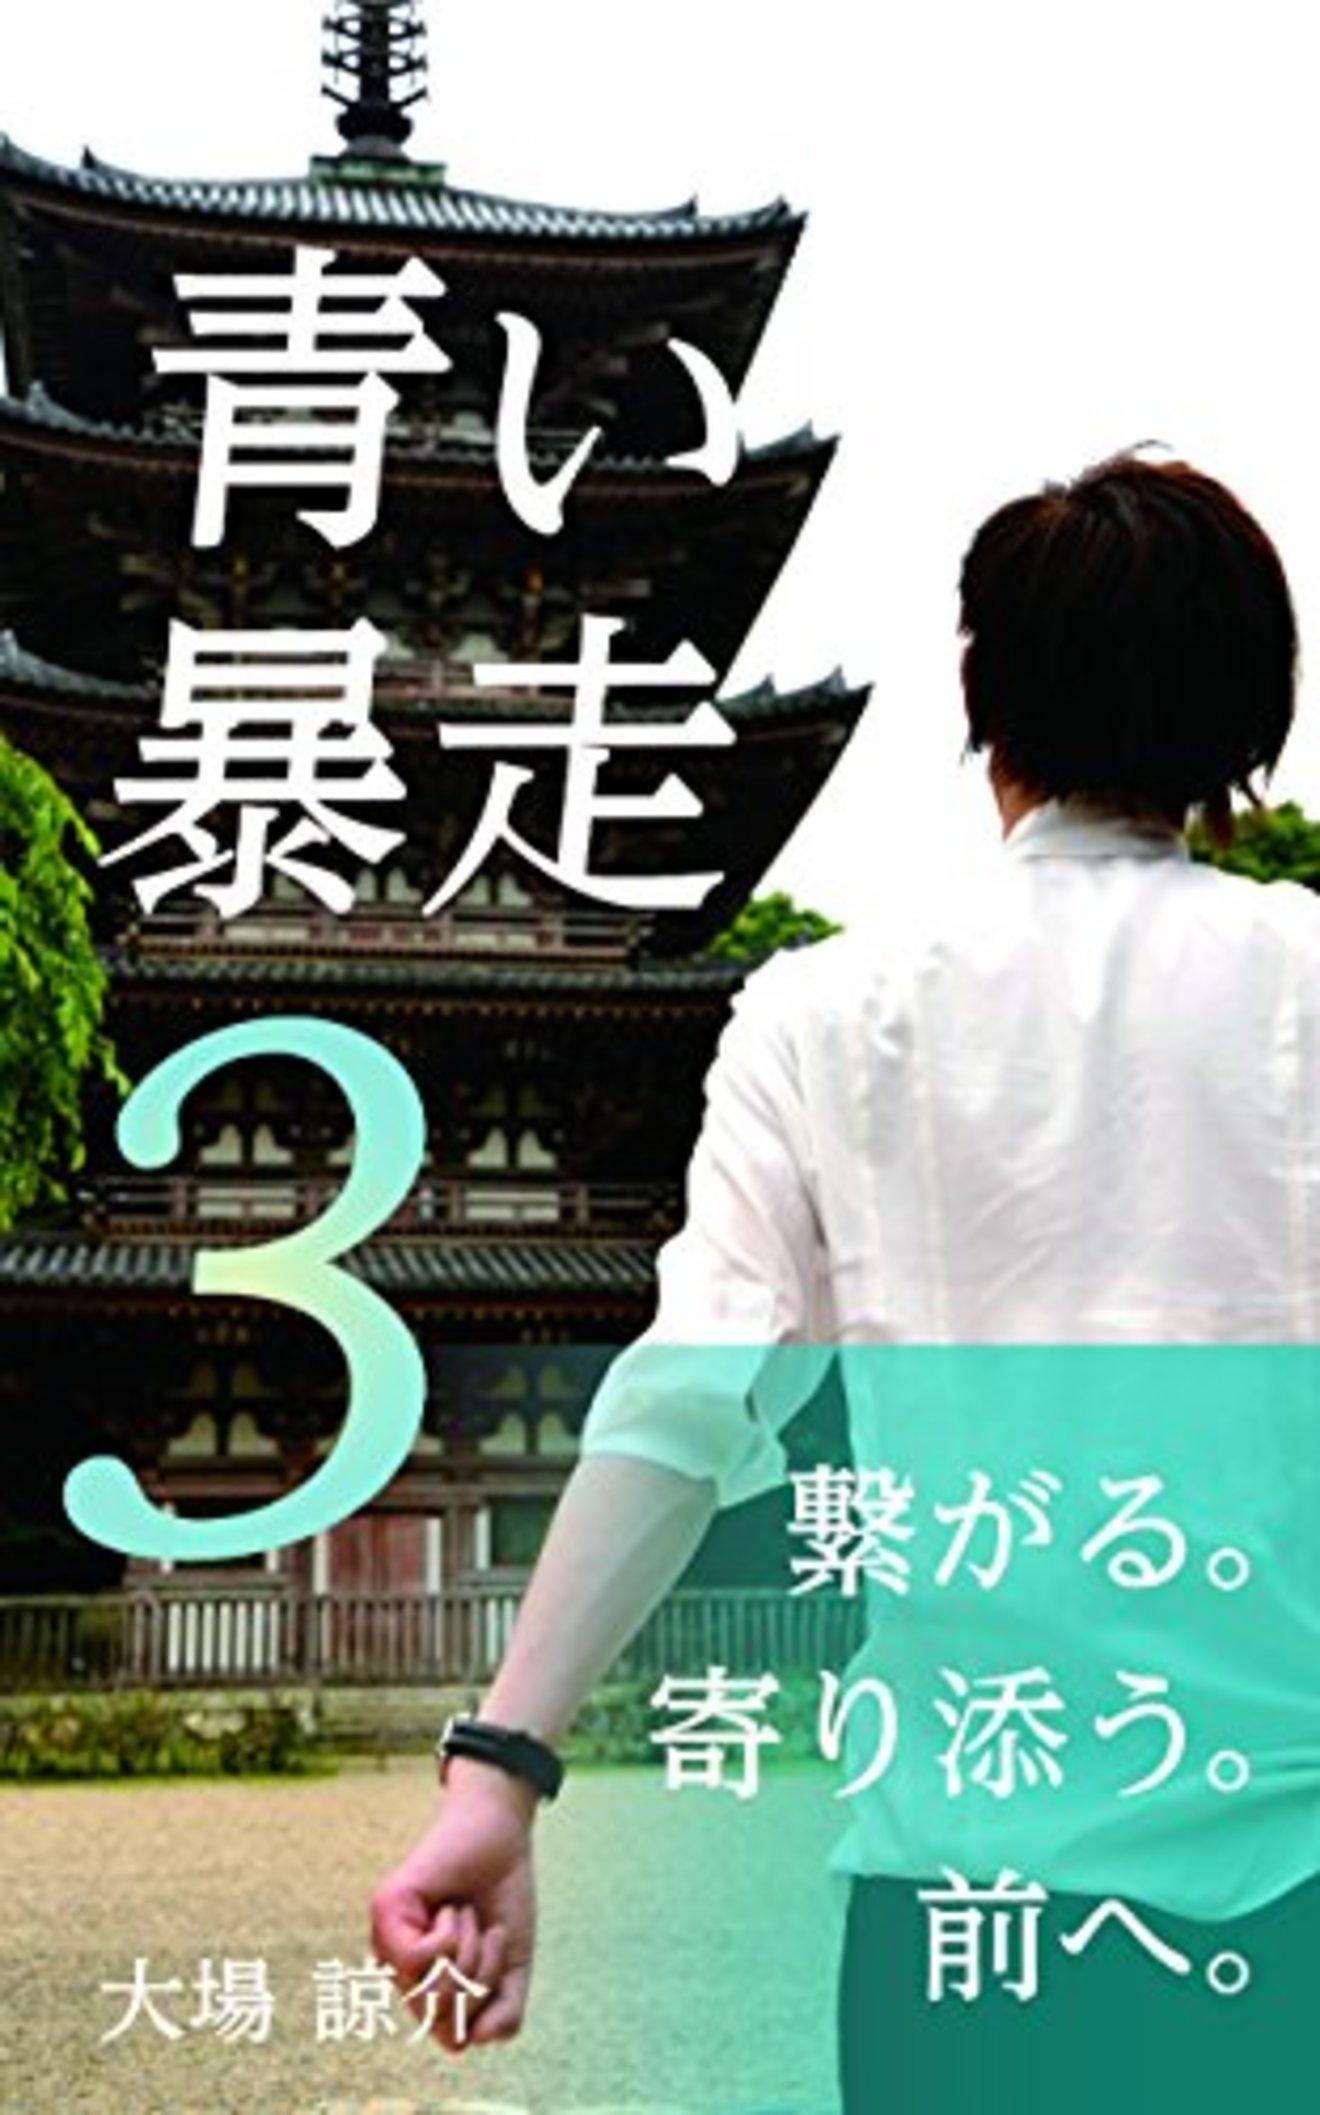 【連載小説】「ロマンティックが終わる時」最終話【毎朝6時更新】